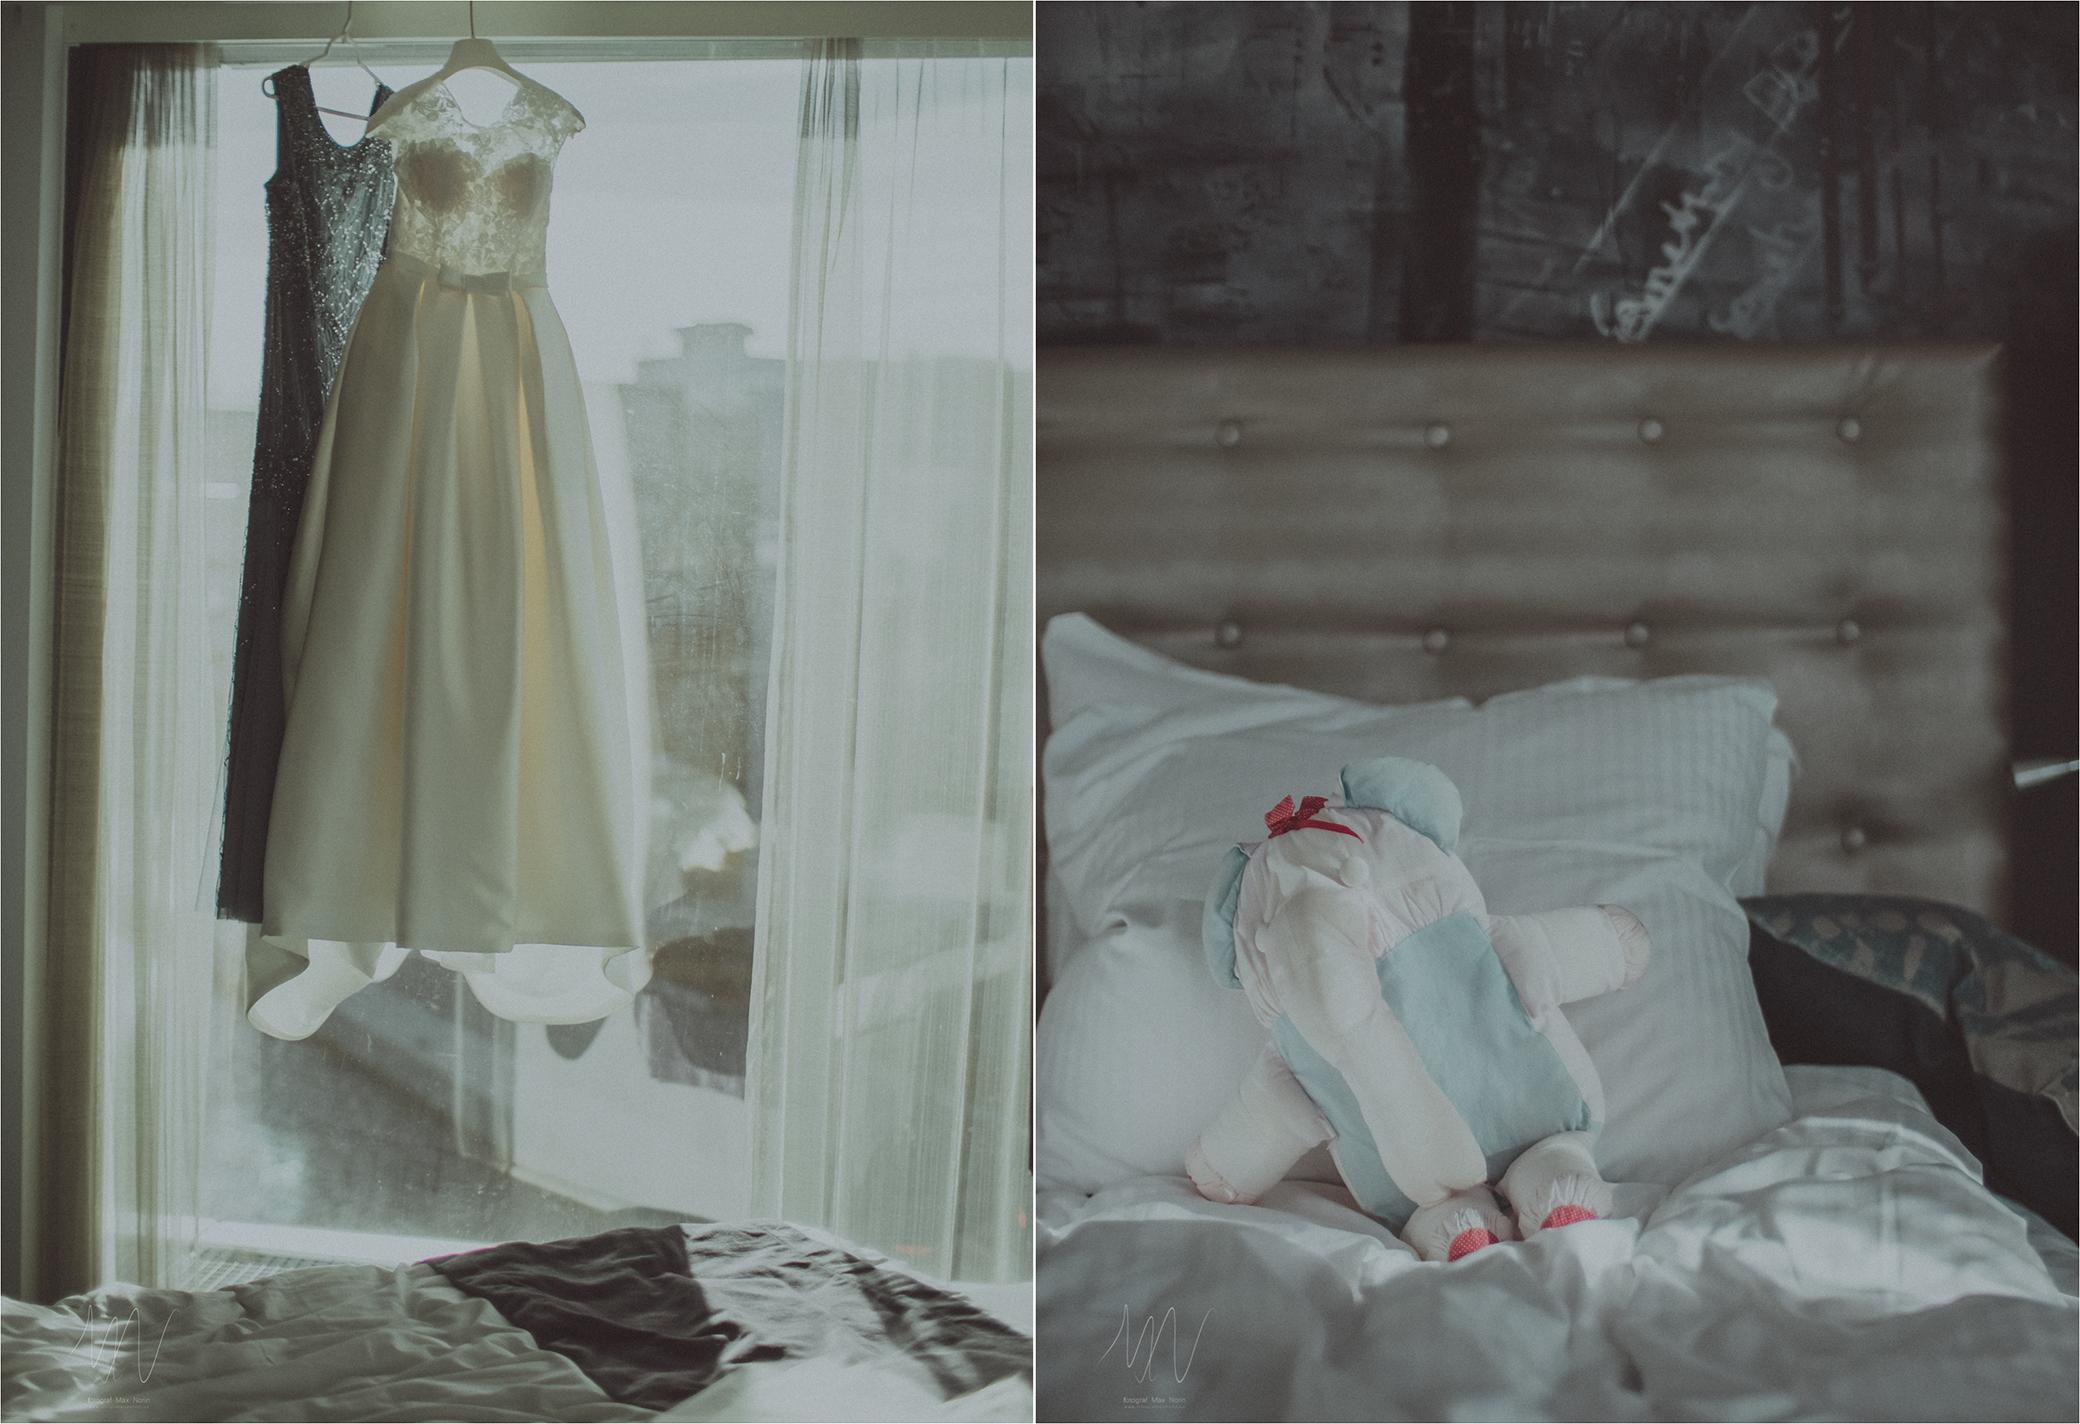 bröllopsfoto-fotograf-max-norin-4 kopiera.jpg